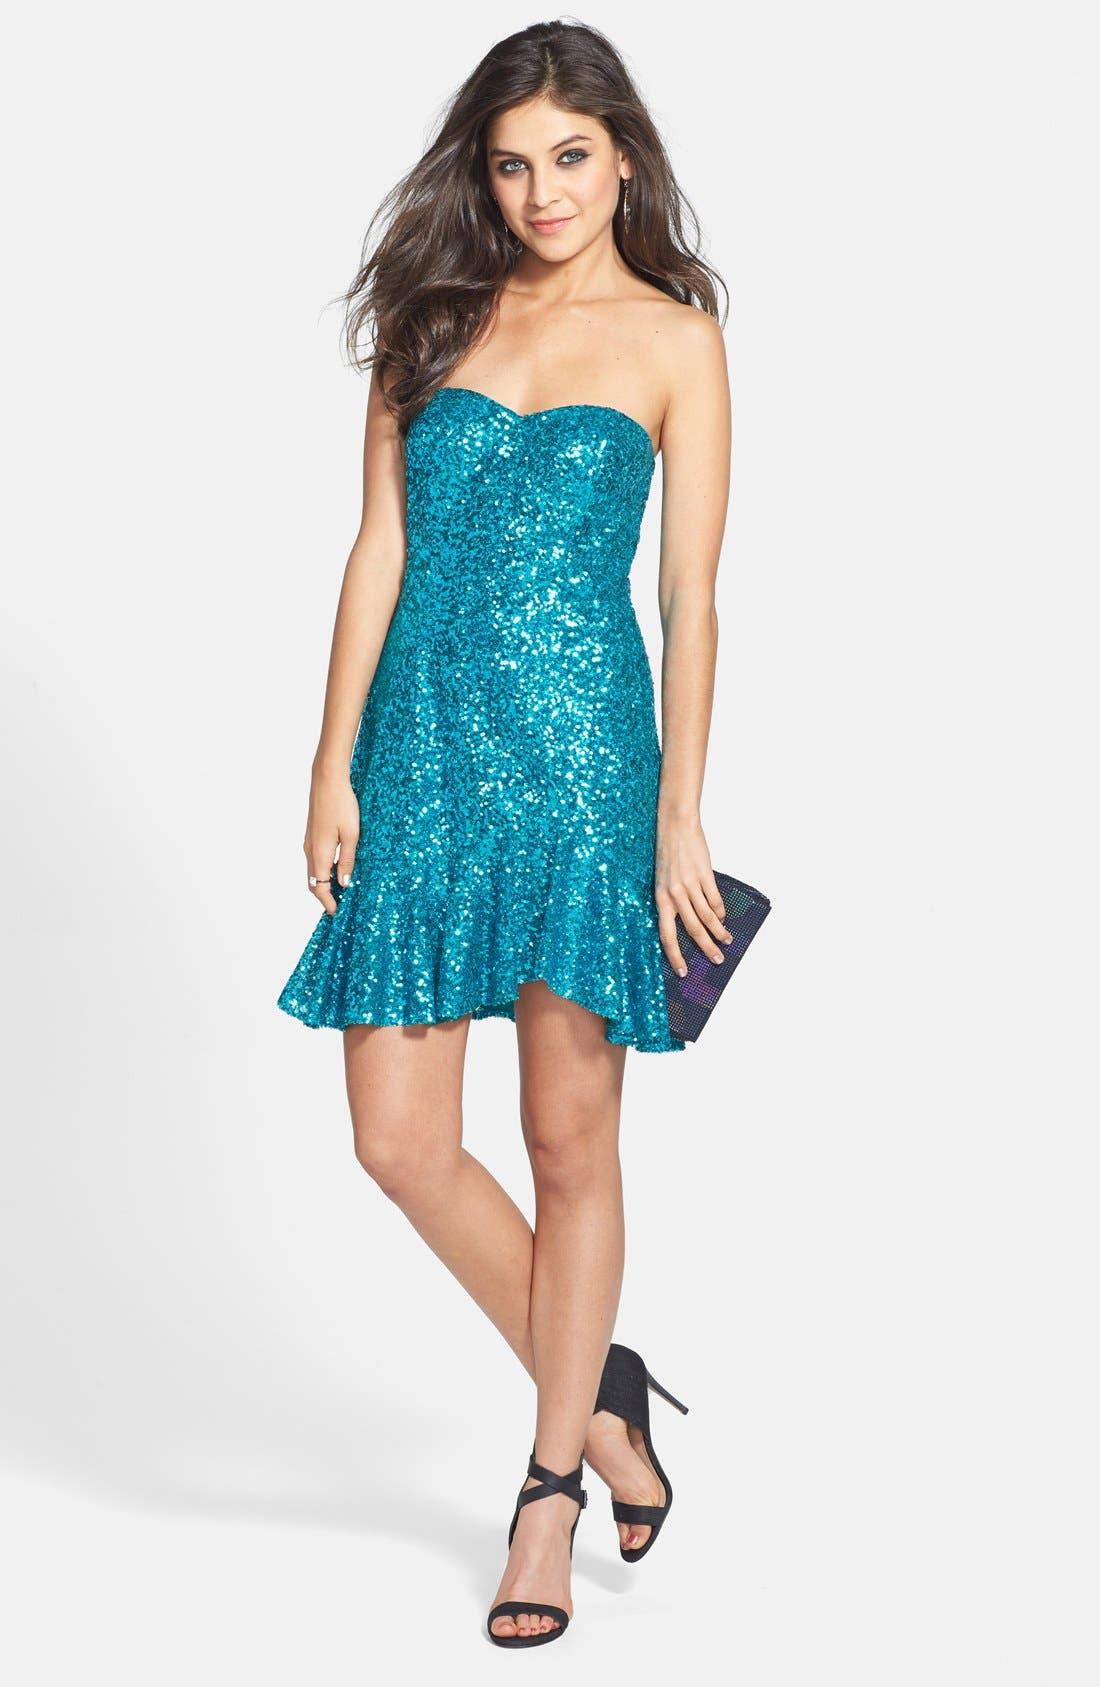 Alternate Image 1 Selected - Aidan by Aidan Mattox Strapless Sequin Flutter Dress